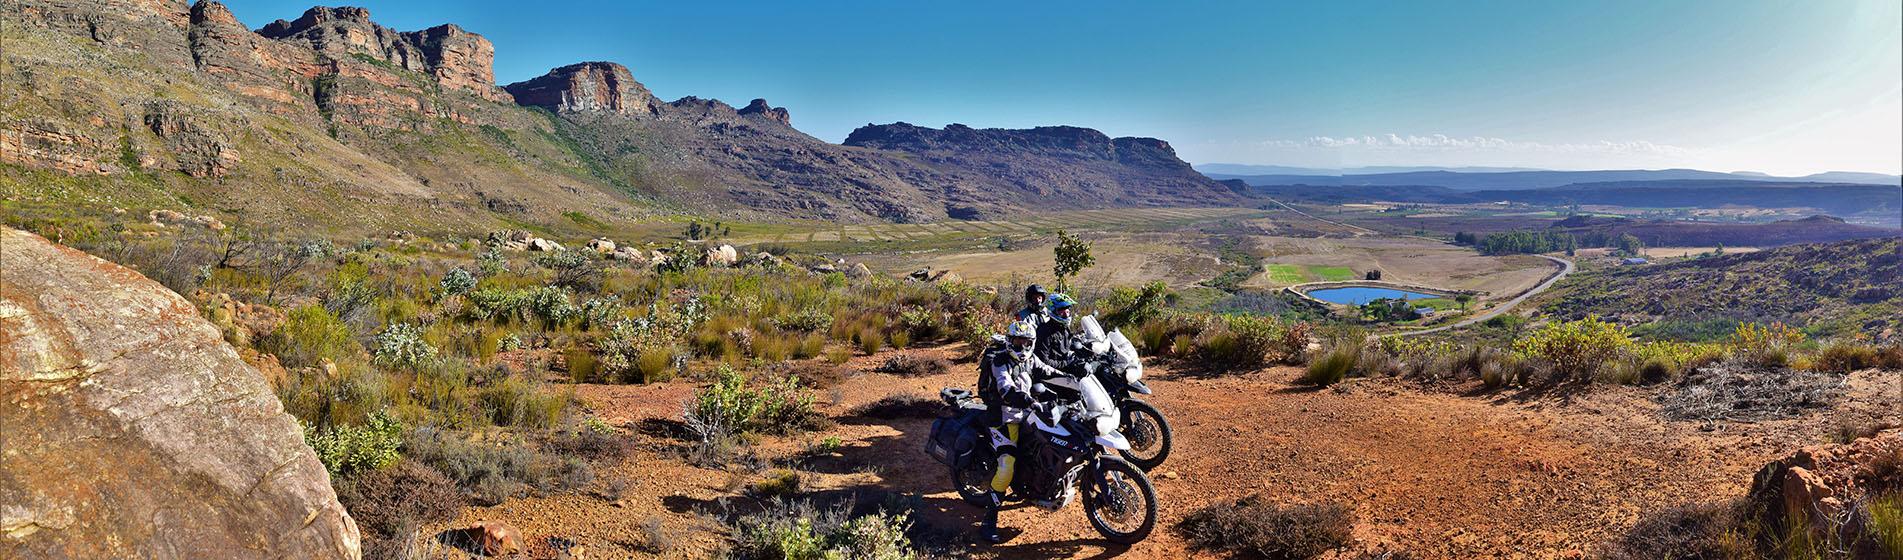 Triumph Tiger Motorcycle Rentals